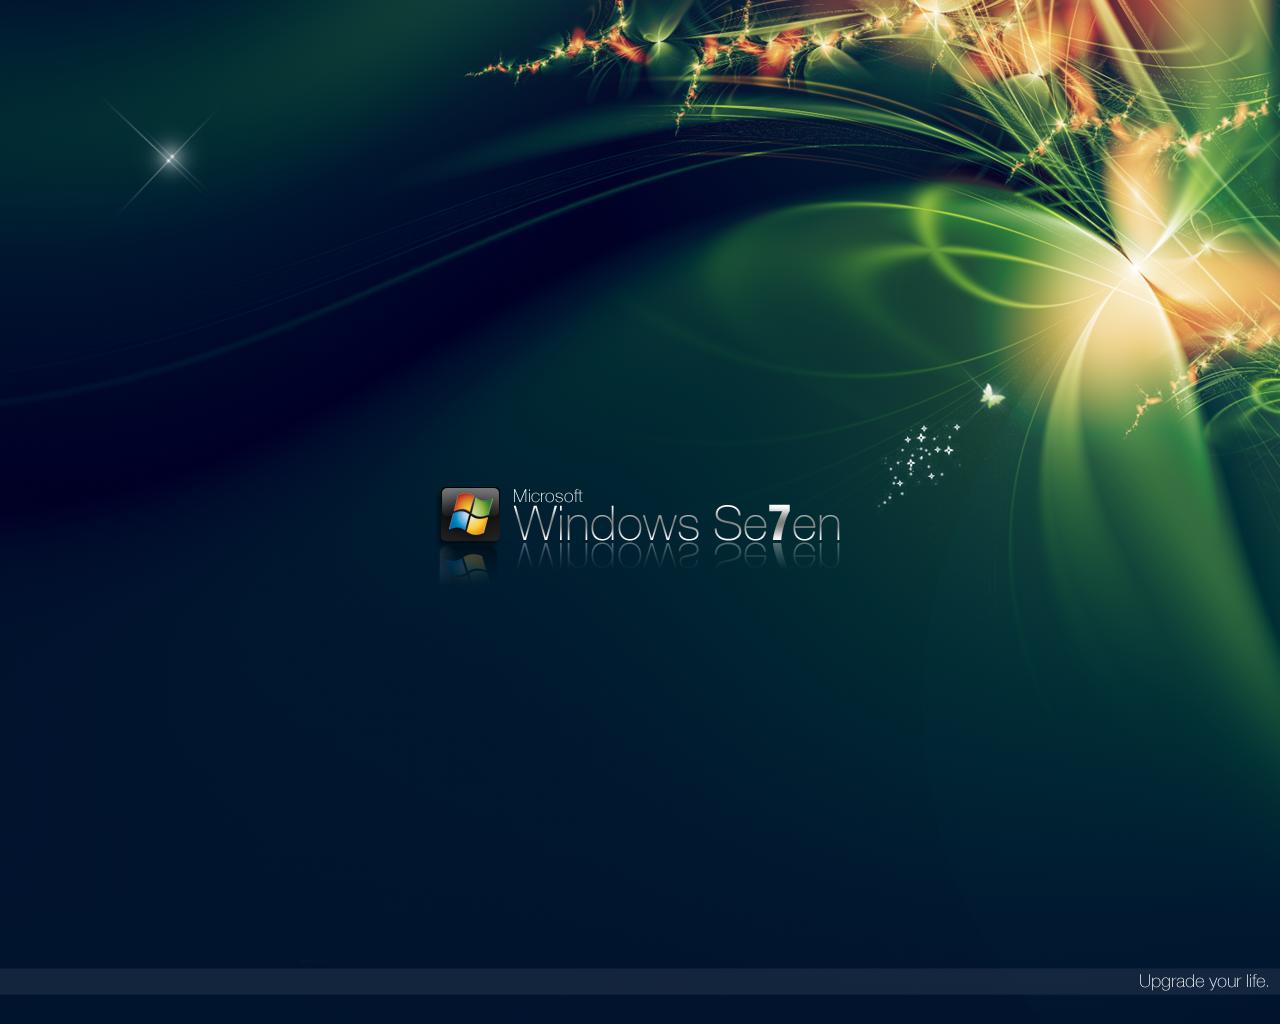 fondos de pantallas 3d windows xp y windows seven 7